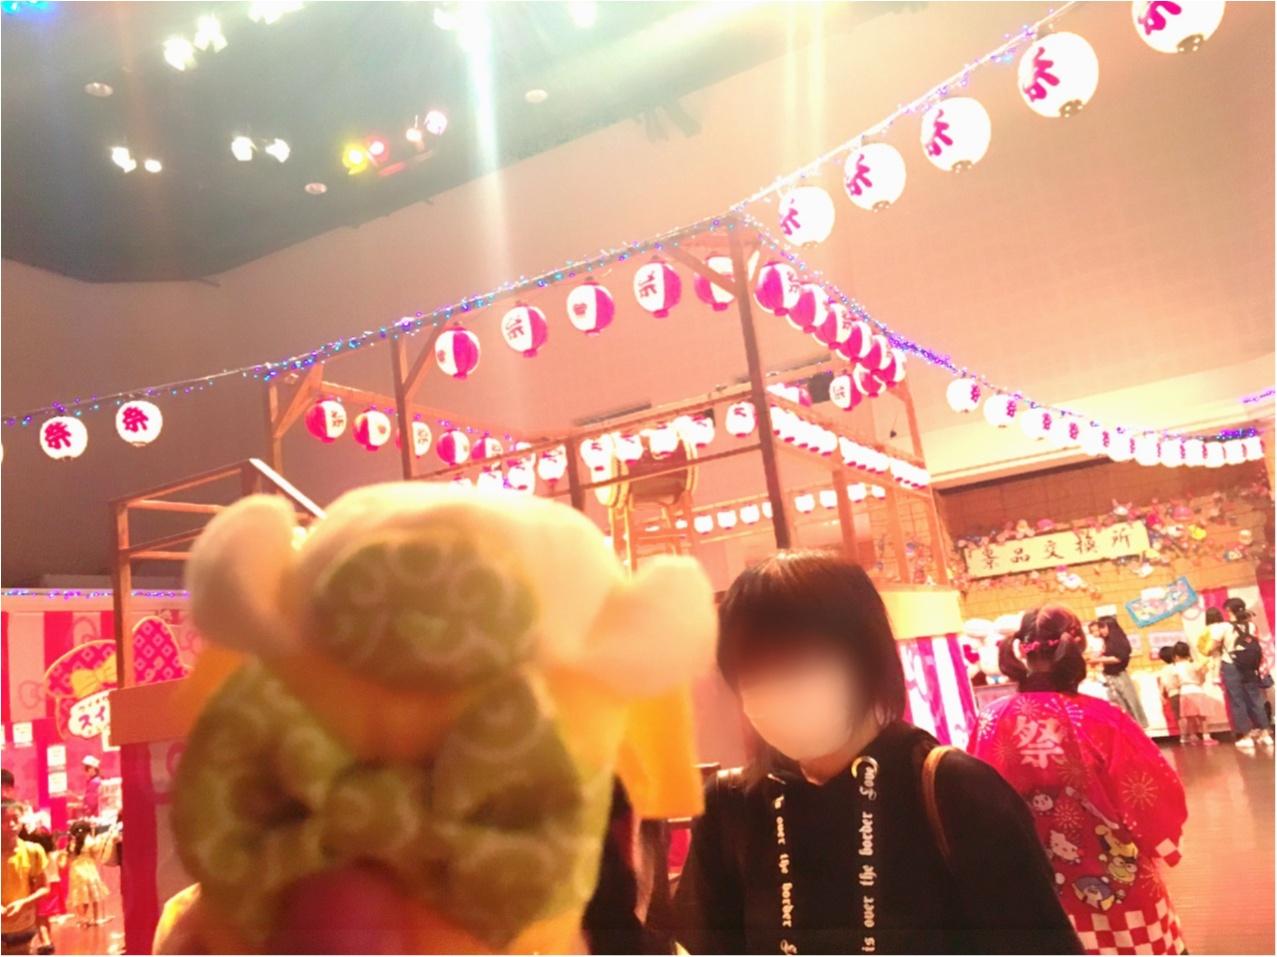 サンリオピューロランドの夏祭り!クロミちゃんがアルバイト!?▽・ω・▽_1